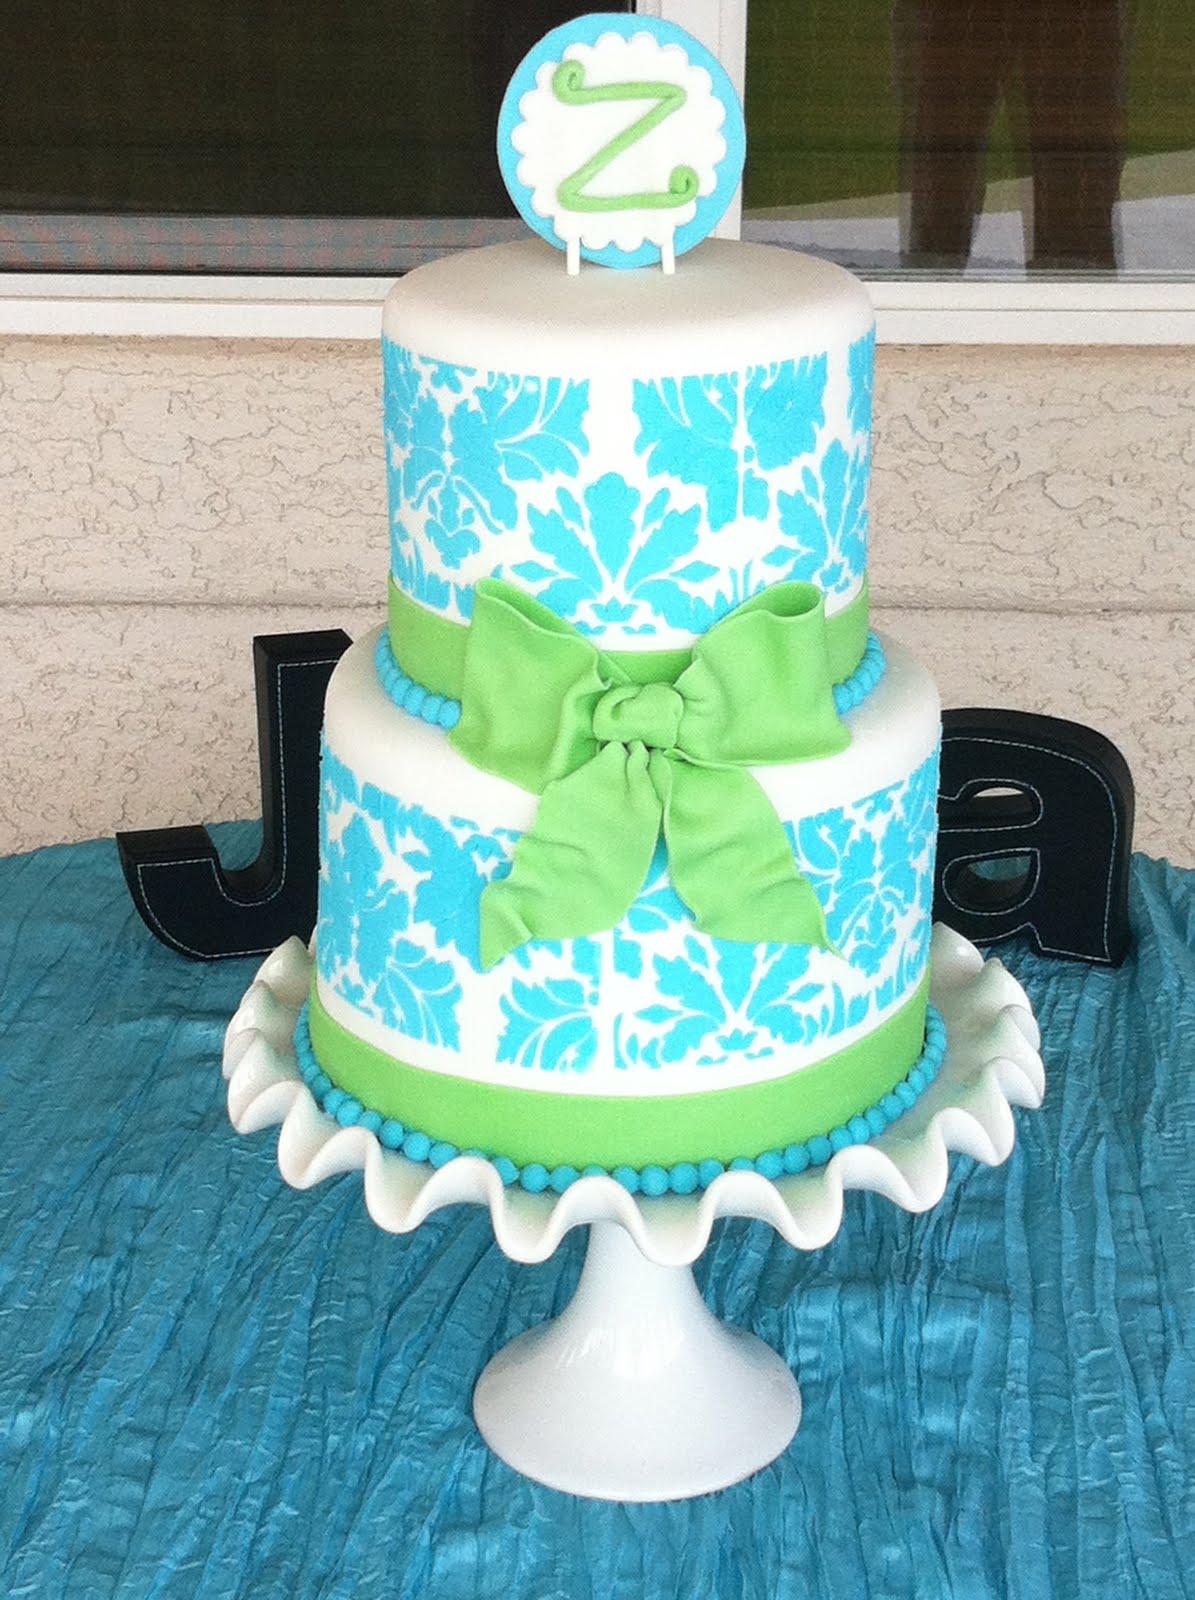 SASSY CAKES - Your Fondant Cake Design Destination: Blue ...